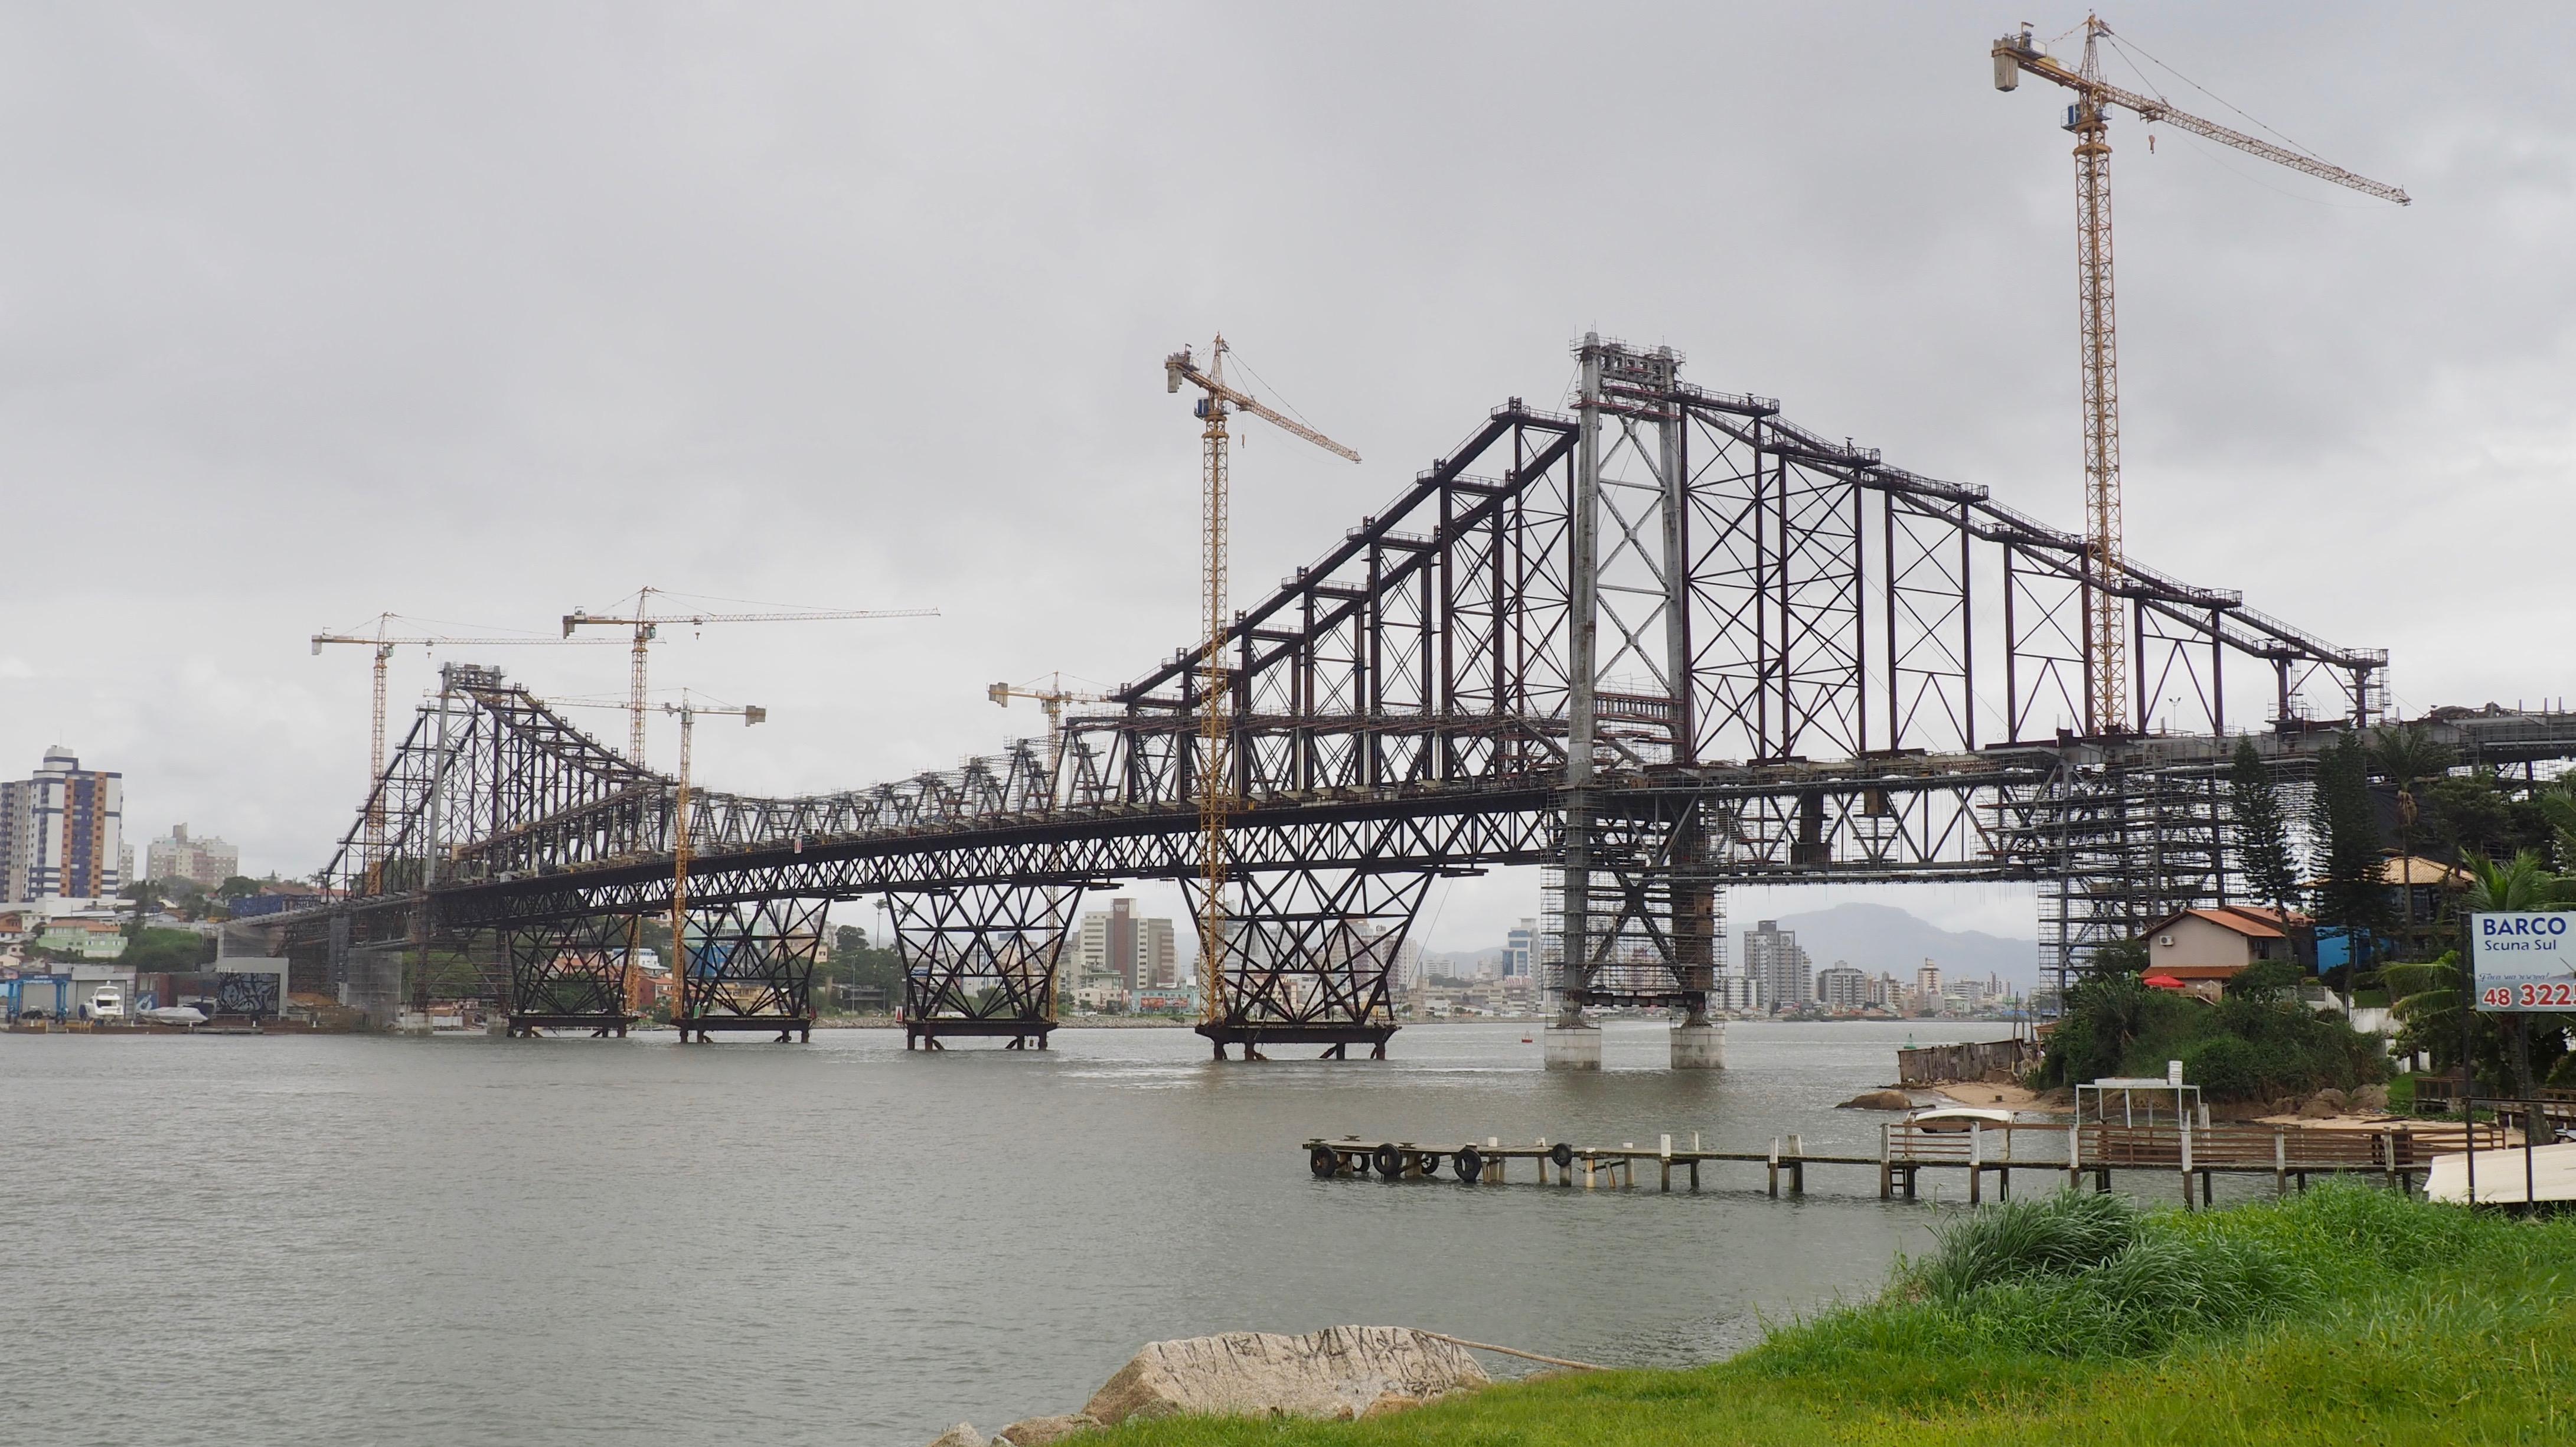 El puente Hercílio Luz de Florianópolis, uno de las mejores cosas que ver en Florianópolis